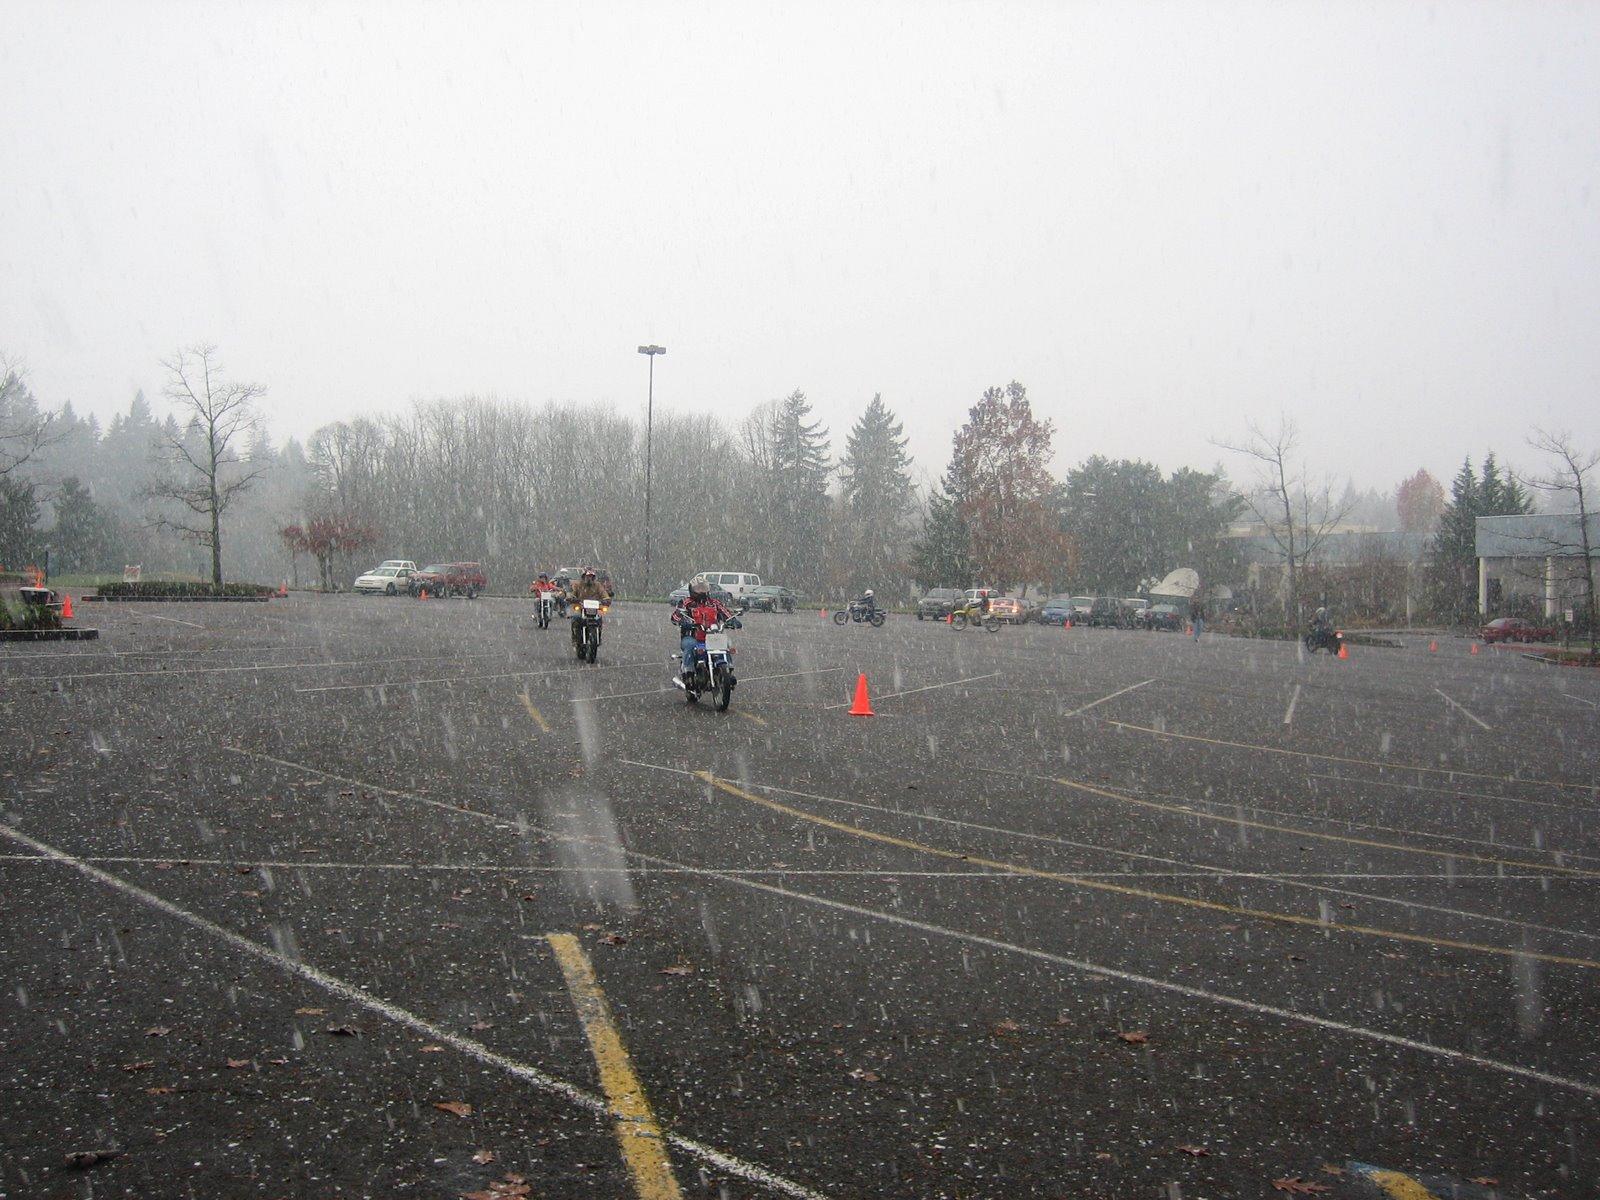 [Snow+bike+2]